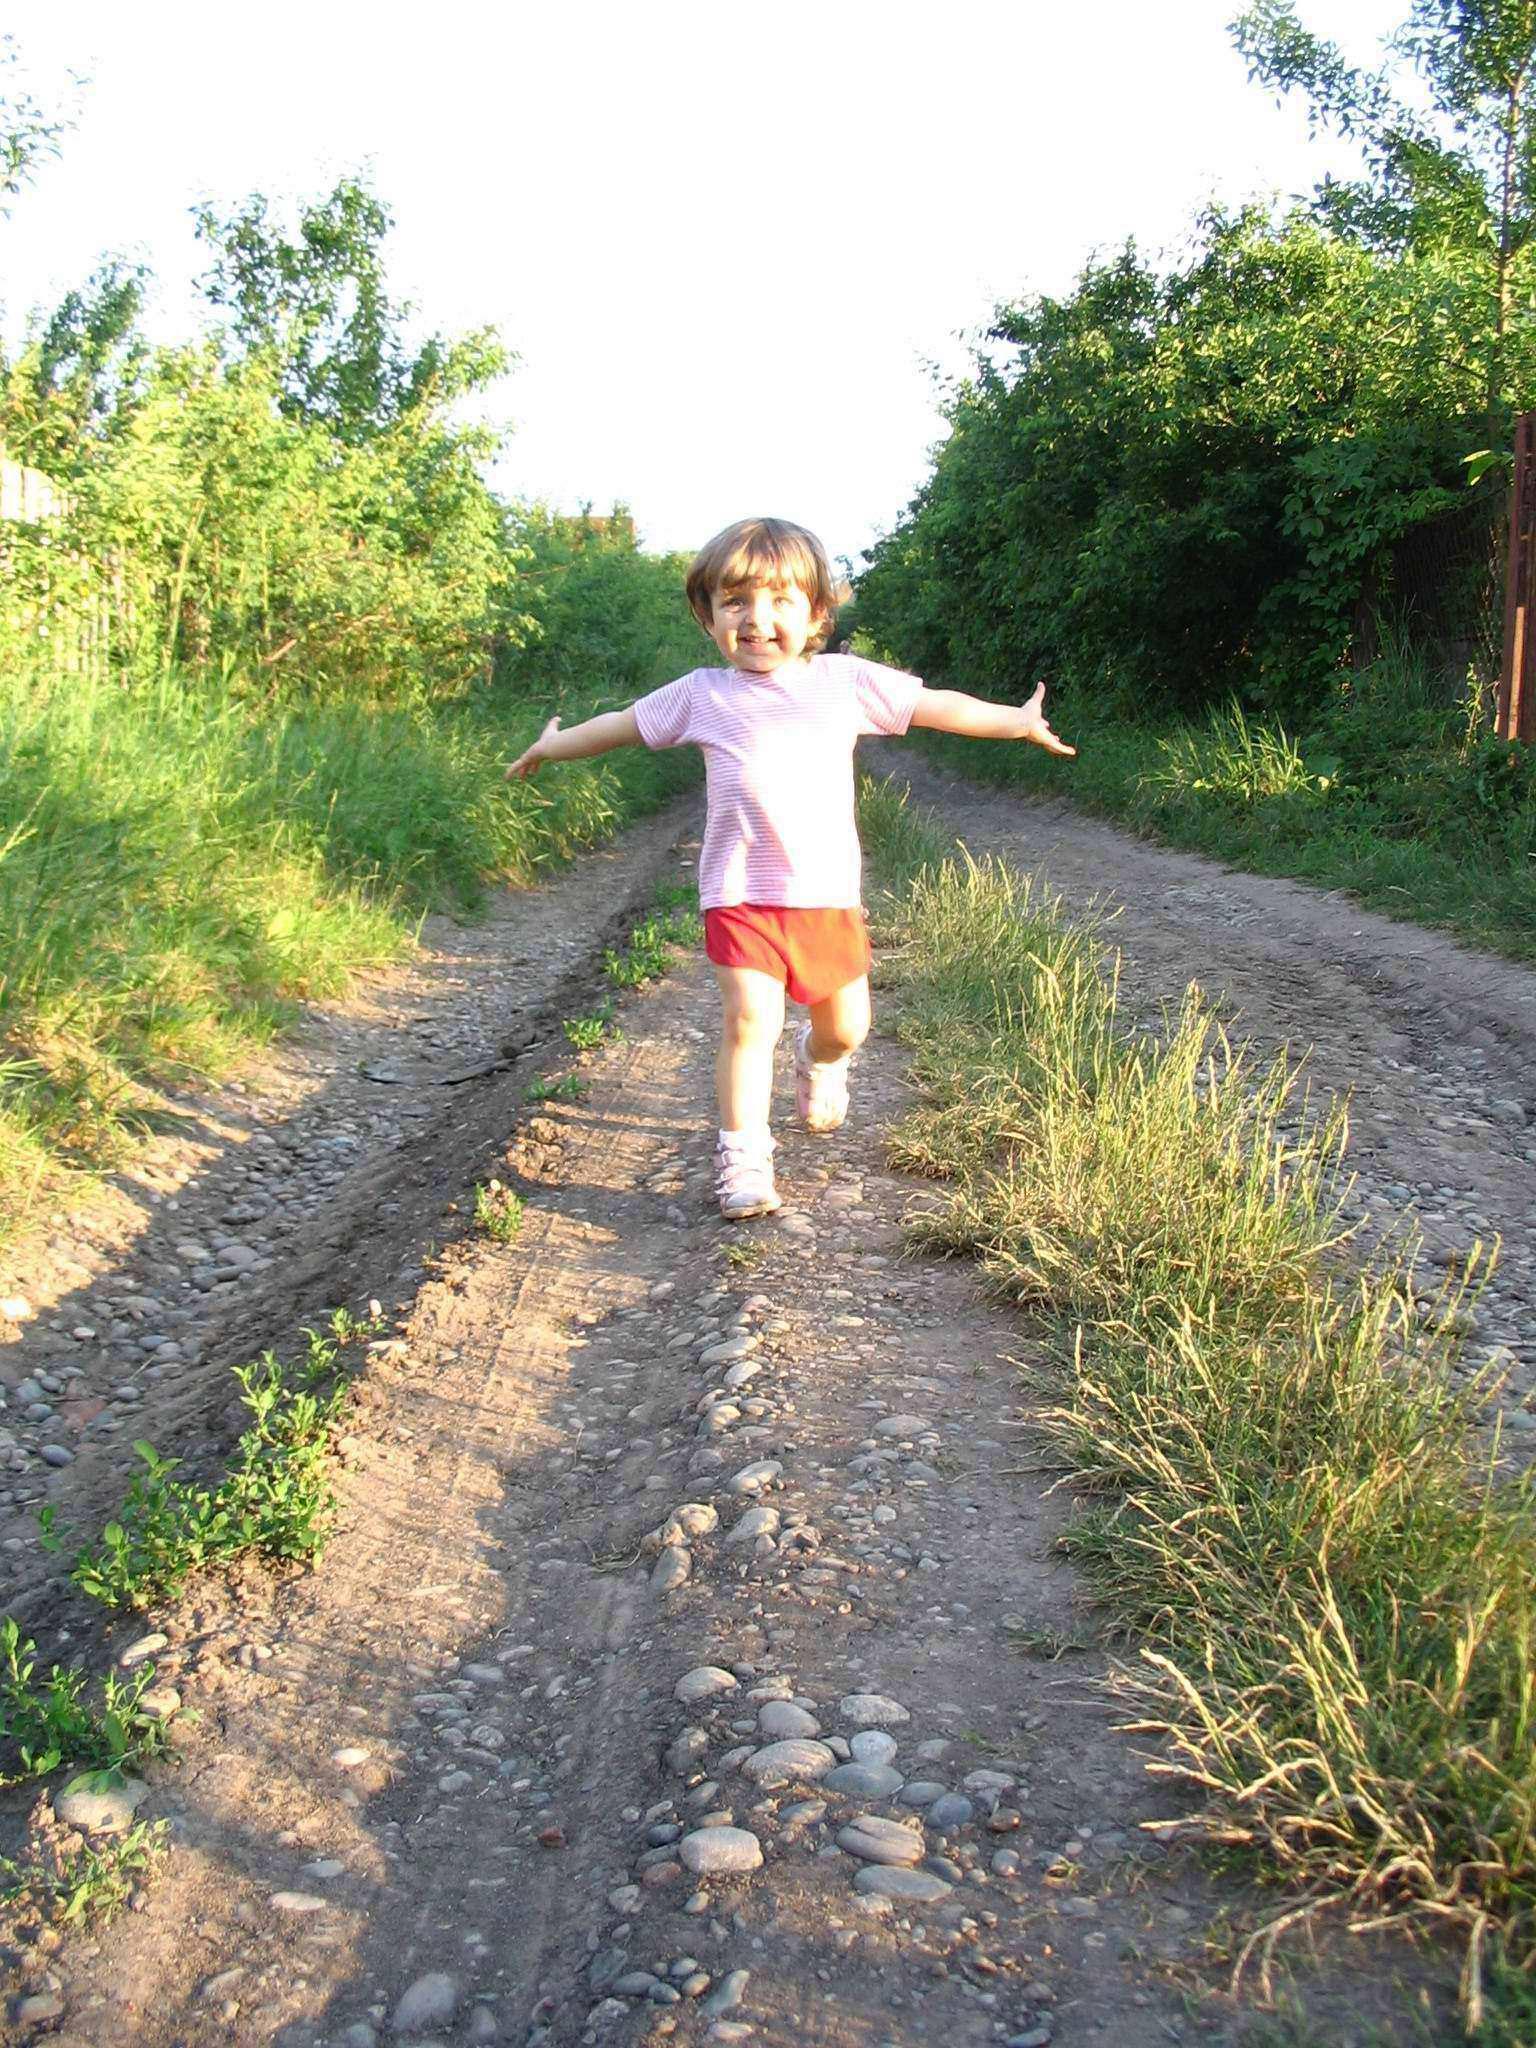 я бегу, бегу, бегу, удержаться не могу.... Лето, ах лето!..